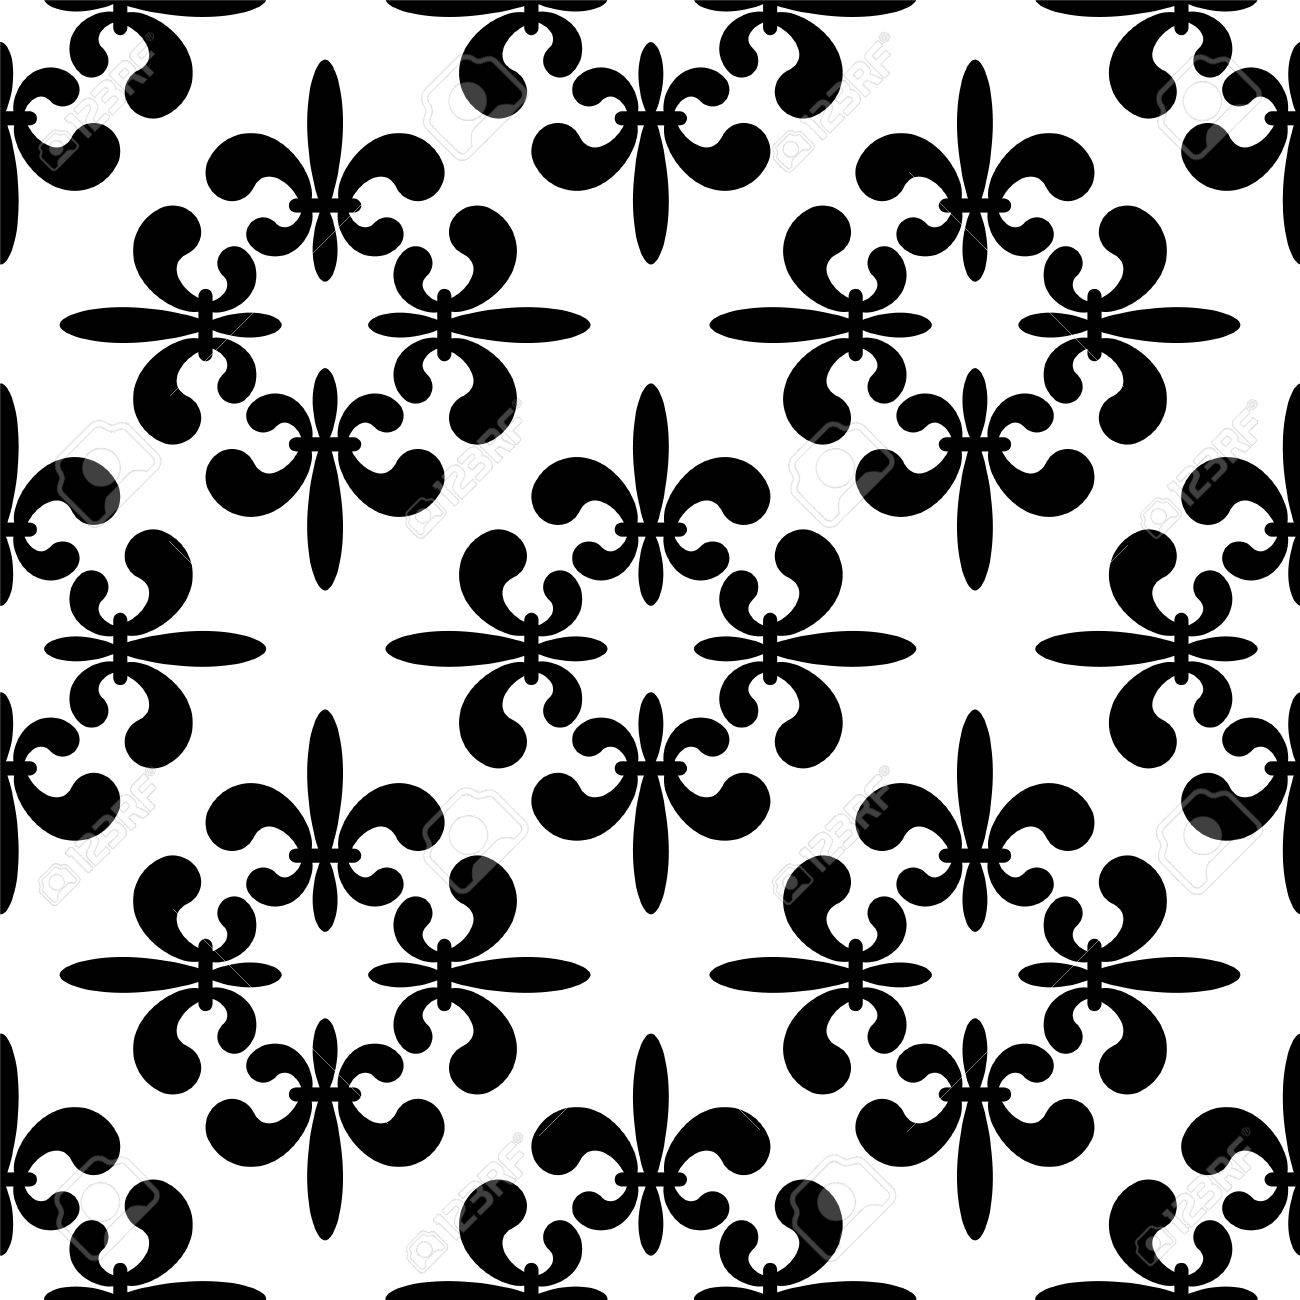 Patron Transparente Con Siluetas De Flores De Lis Reales En Blanco Y Negro Fondo Monocromo Gotico Fleur De Lis Textura De Impresion Sin Fin